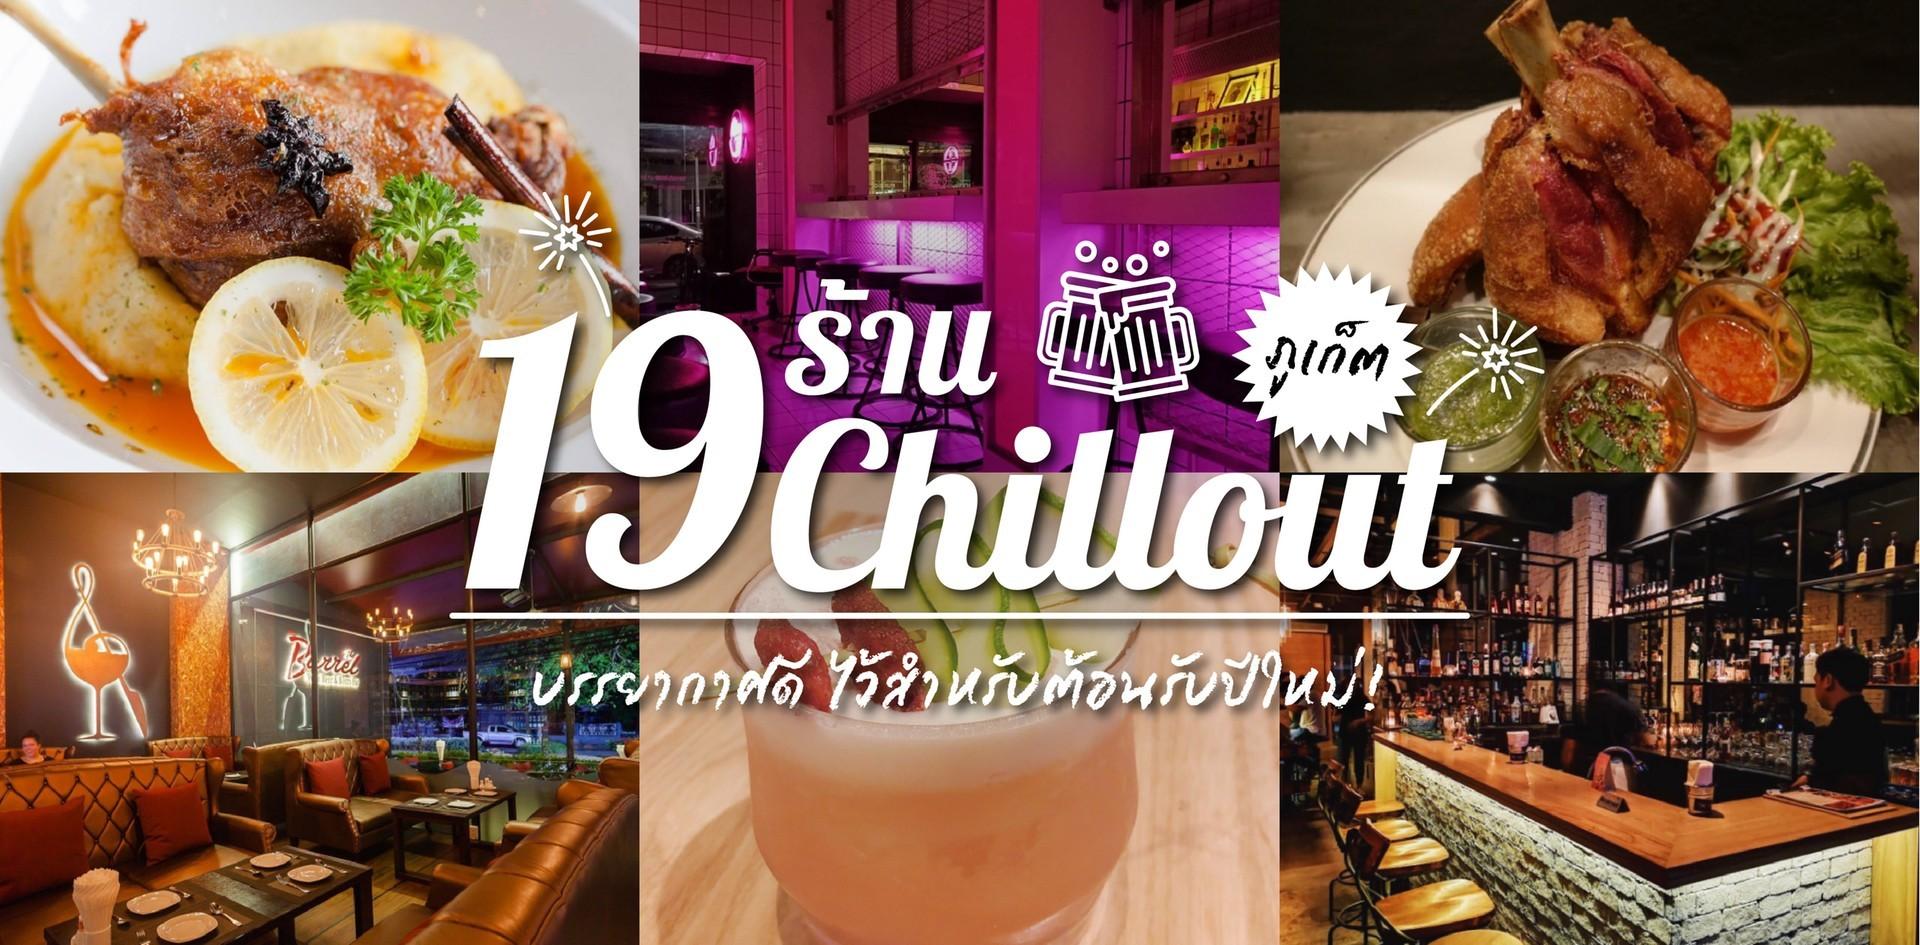 19 ร้าน Chillout บรรยากาศดี ภูเก็ต ไว้สำหรับต้อนรับปีใหม่!